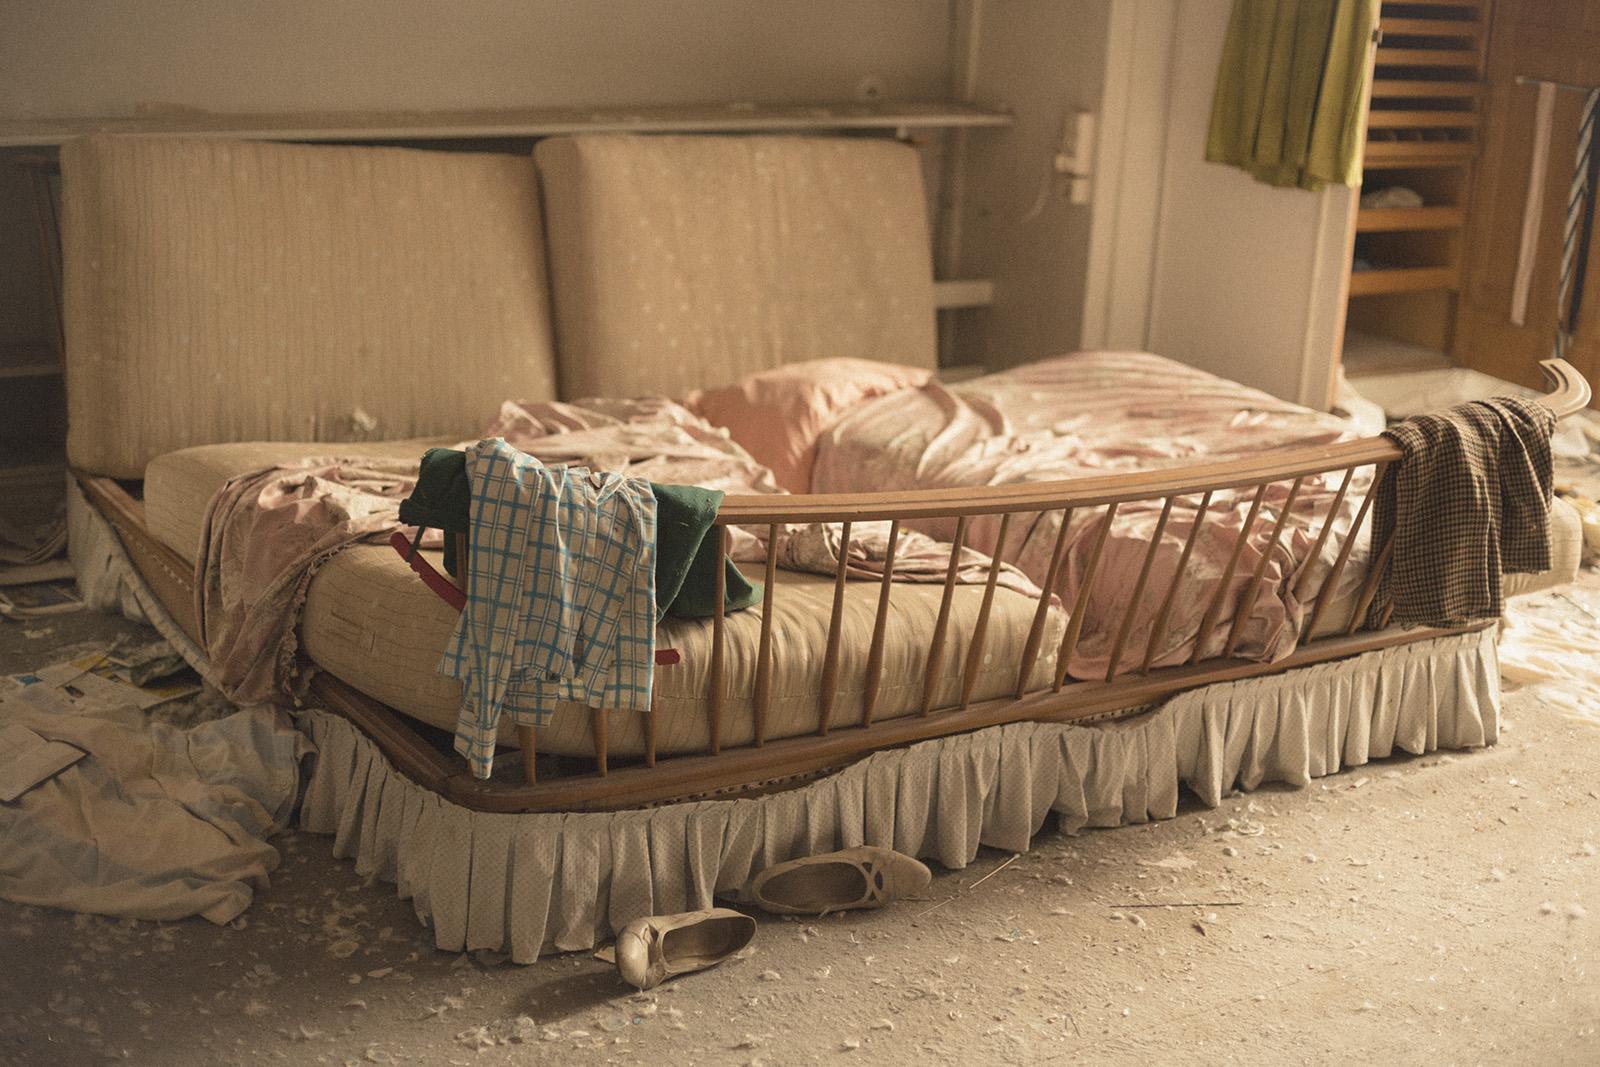 gammel seng Baggrunde : gammel, seng, træ, Europa, soveværelse, Mestre  gammel seng